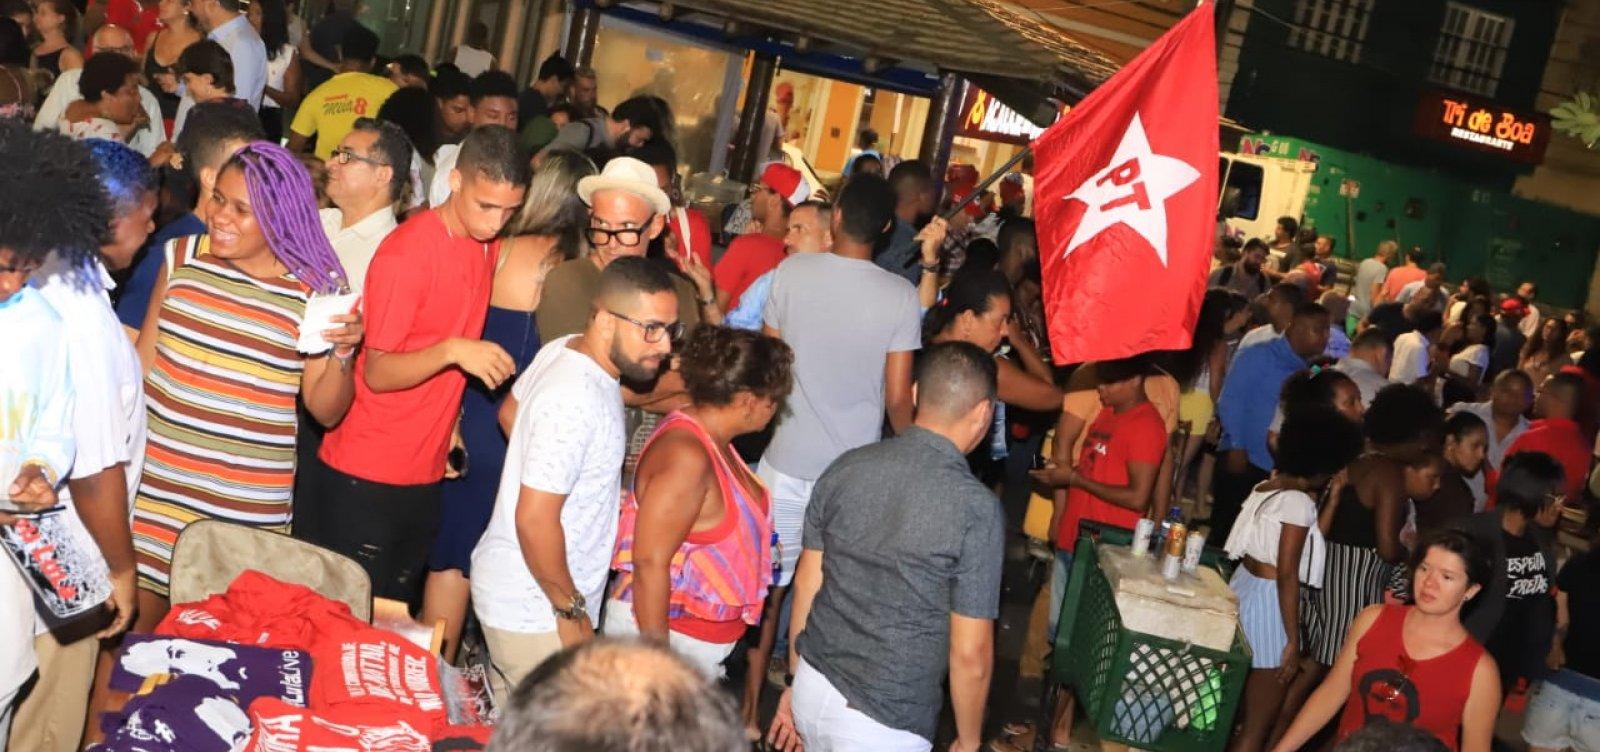 [Em homenagem a Lula, PT baiano organiza comemoração no Rio Vermelho]